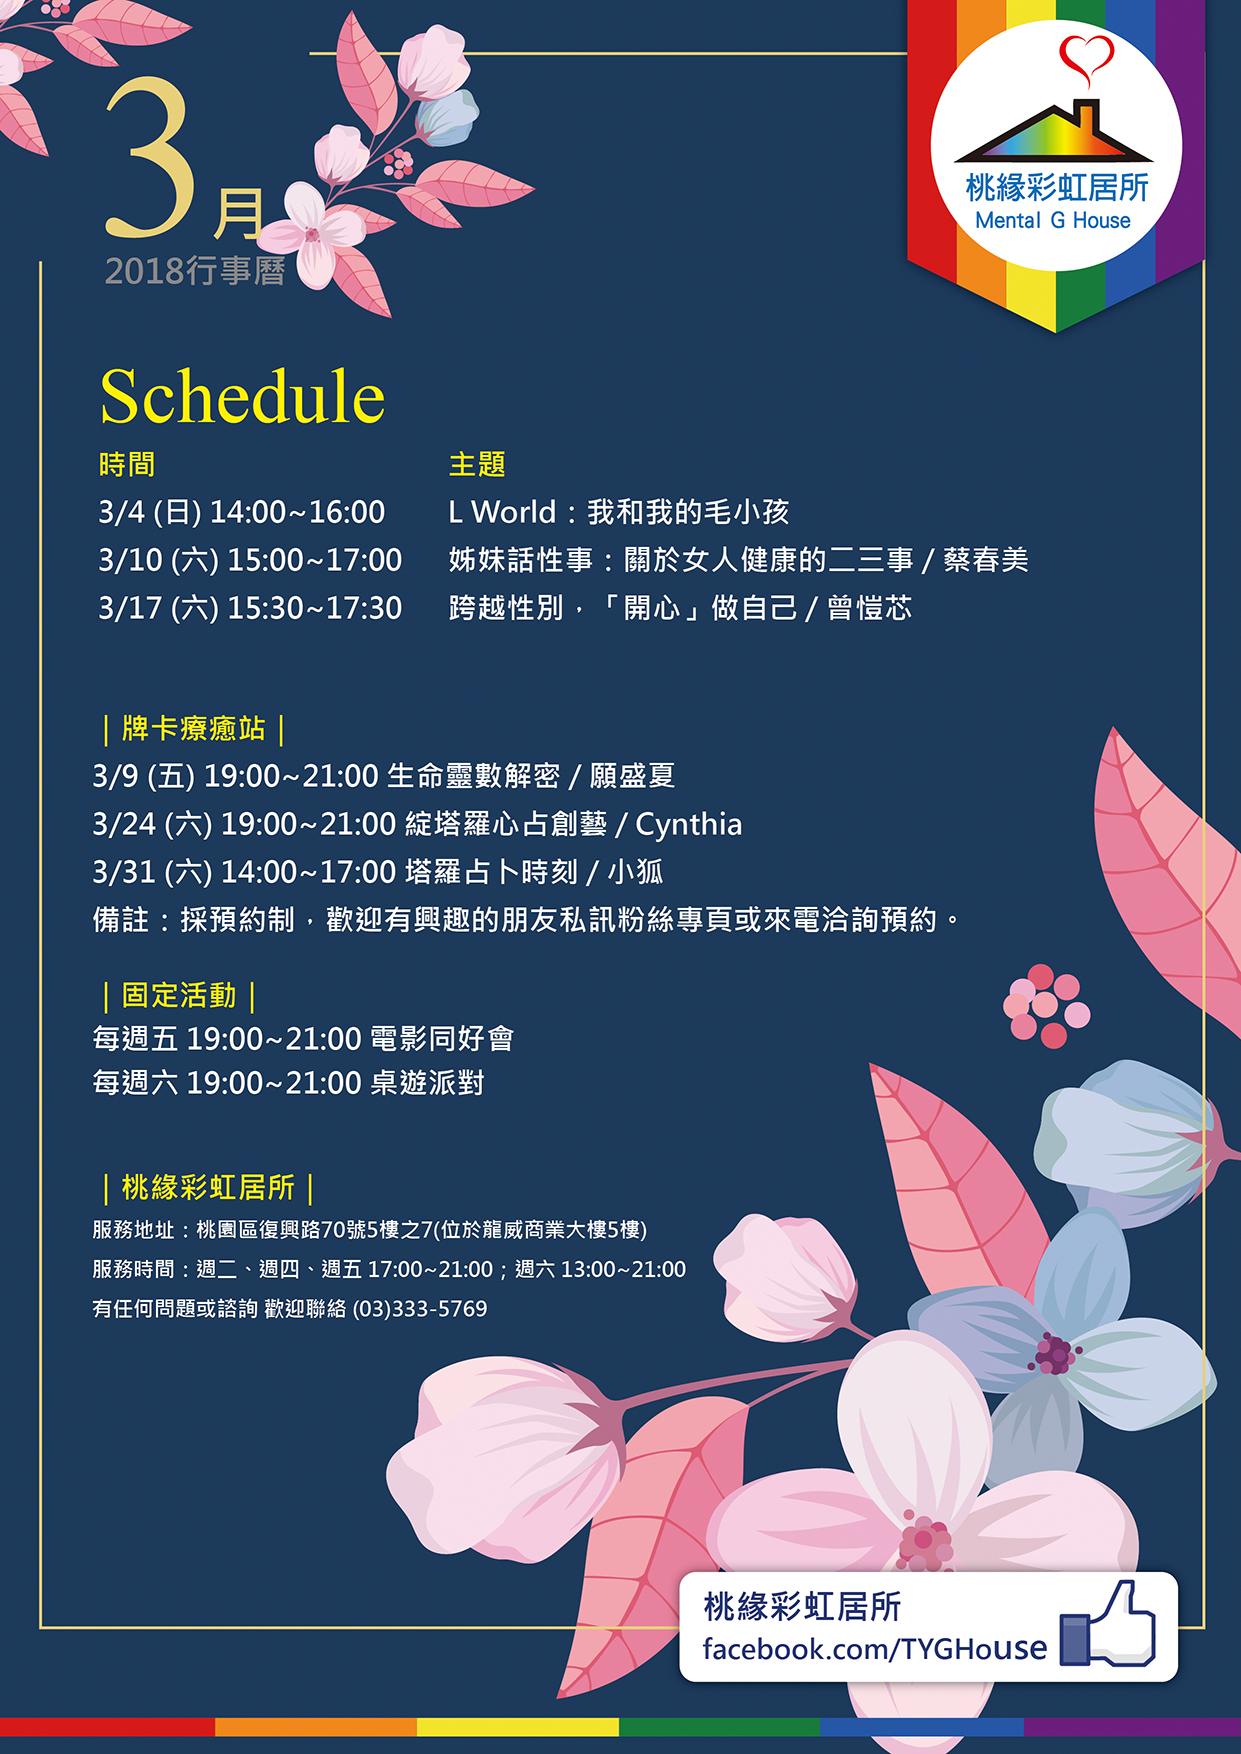 107年度桃緣彩虹居所3月份行事曆